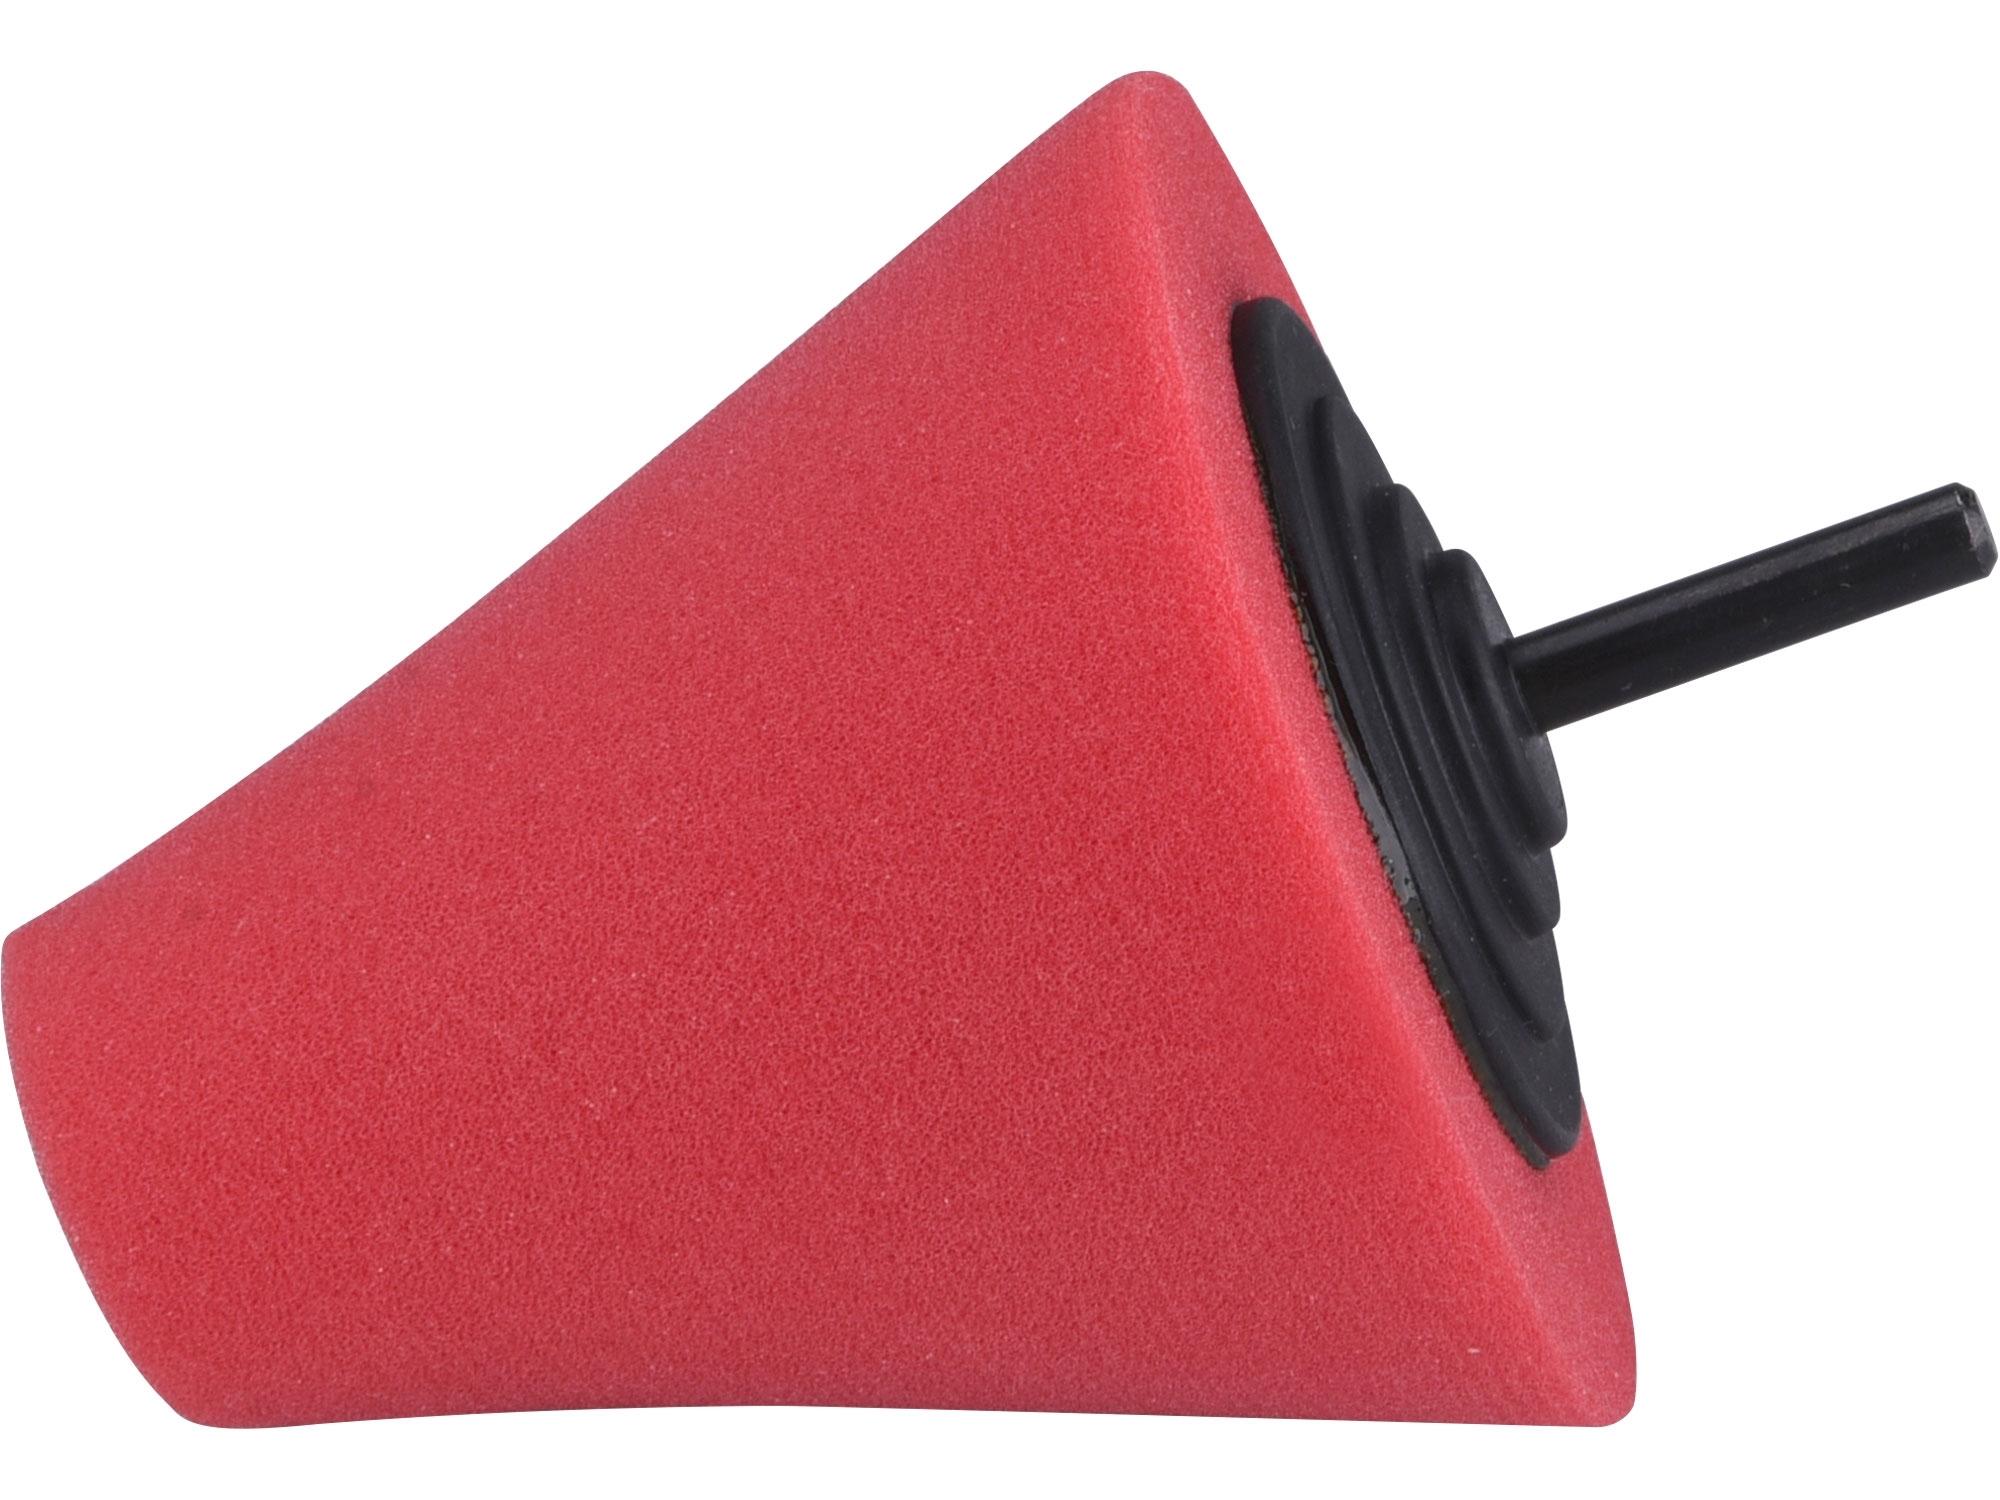 kužel leštící pěnový, T10, červený, ⌀80mm, stopka 6mm